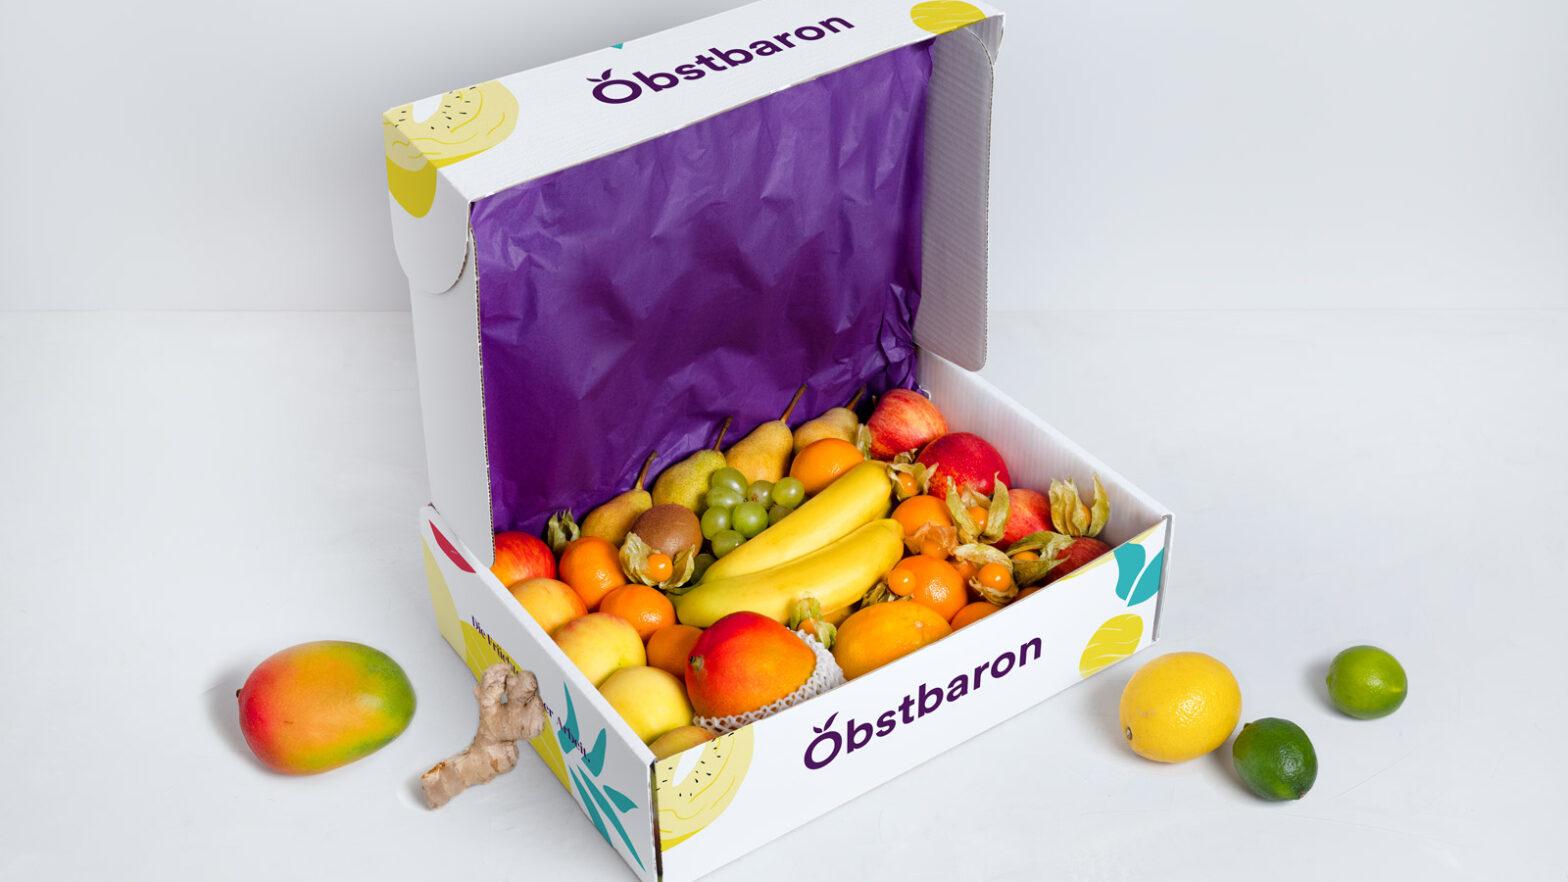 obstbox-bestellen-fuers-gesunde-buero_obstbox_seite_extras_weiss2